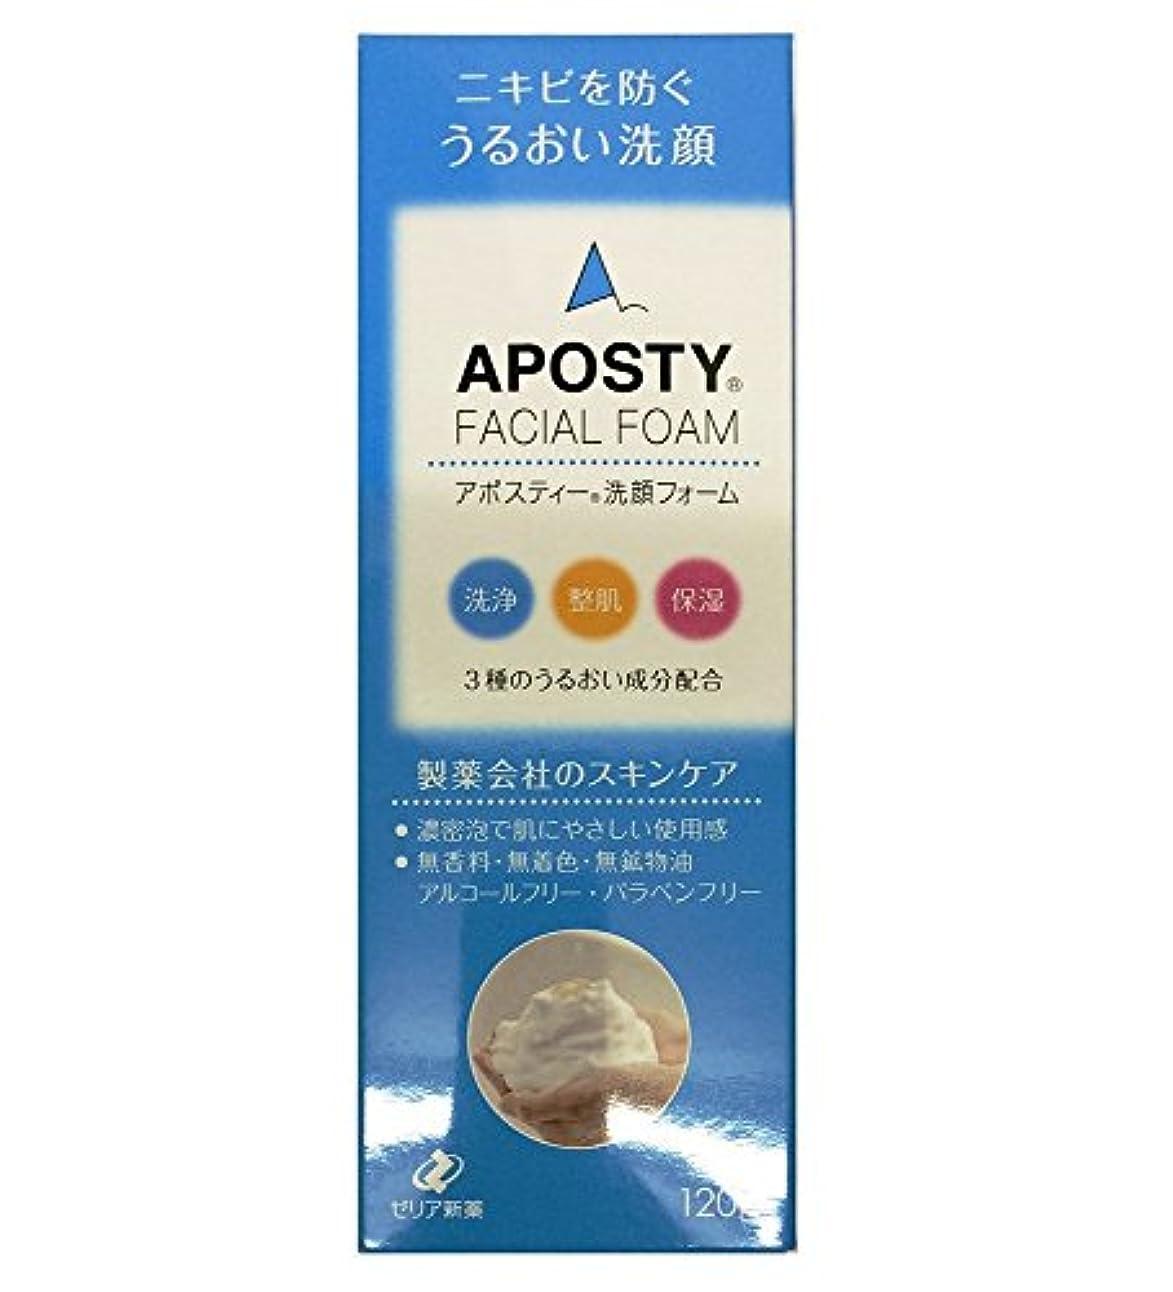 ドラフト工夫するオンスゼリア新薬工業 アポスティー 洗顔フォーム 120g